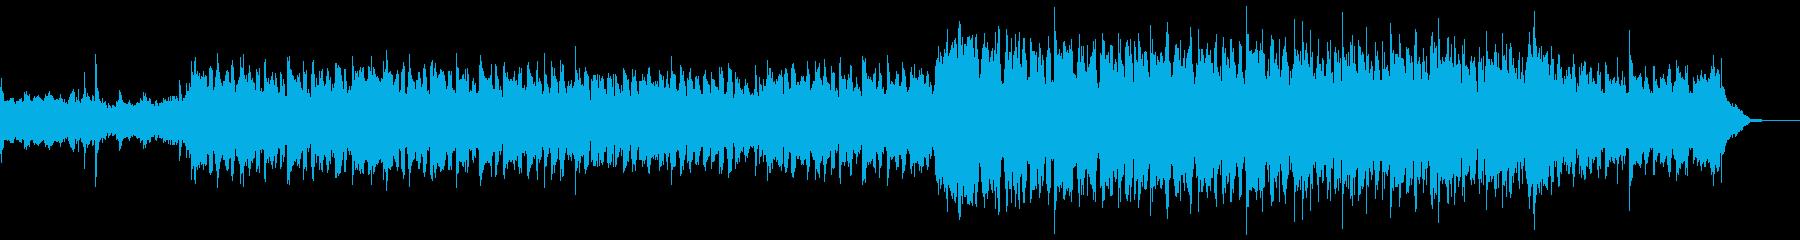 ケルト・アイルランド民謡的なBGMの再生済みの波形